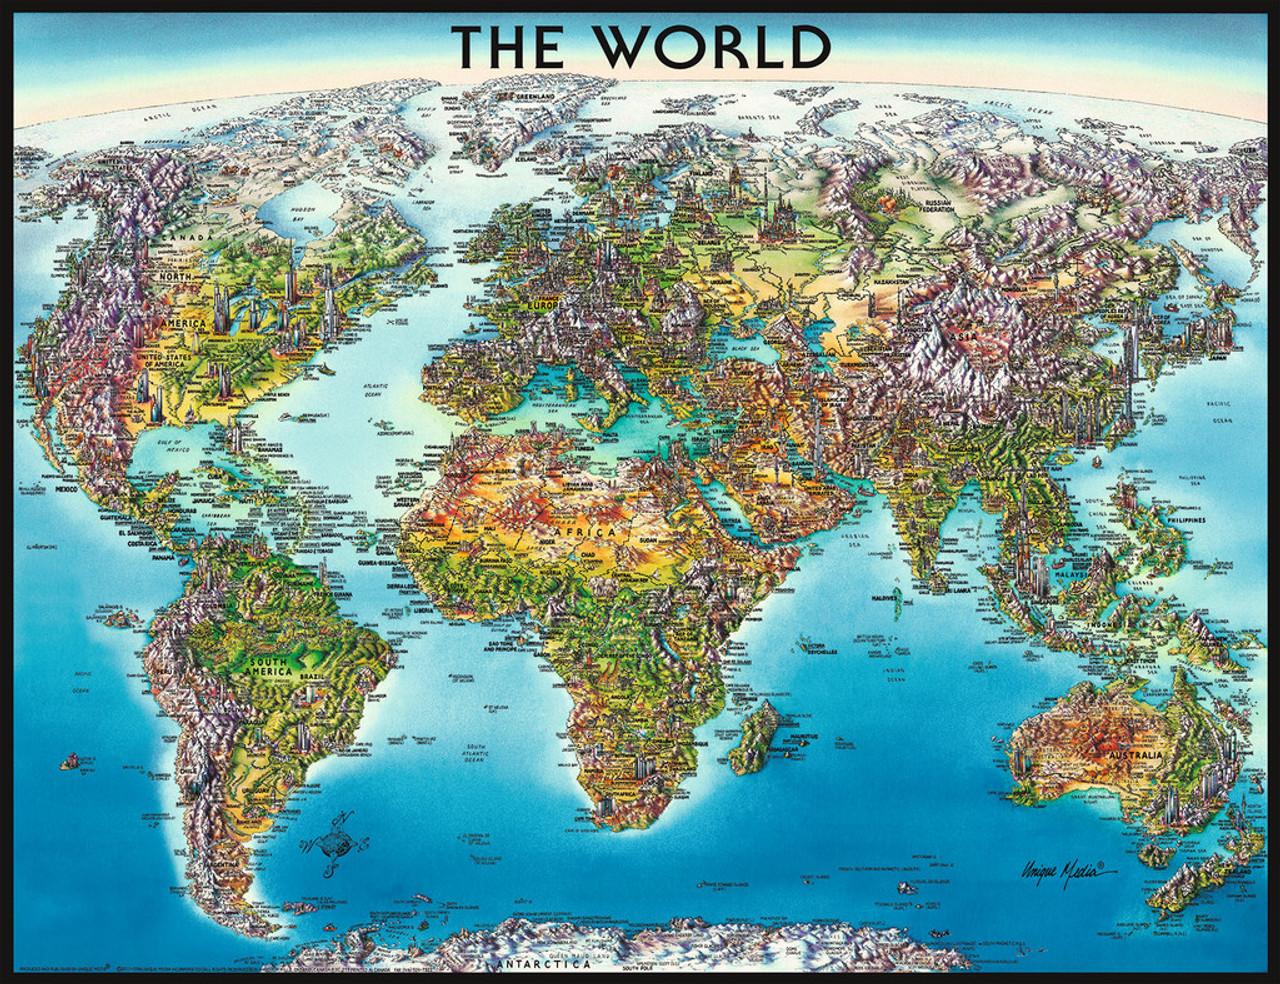 Ravensburger world map jigsaw puzzle seriouspuzzles ravensburger jigsaw puzzles world map gumiabroncs Images